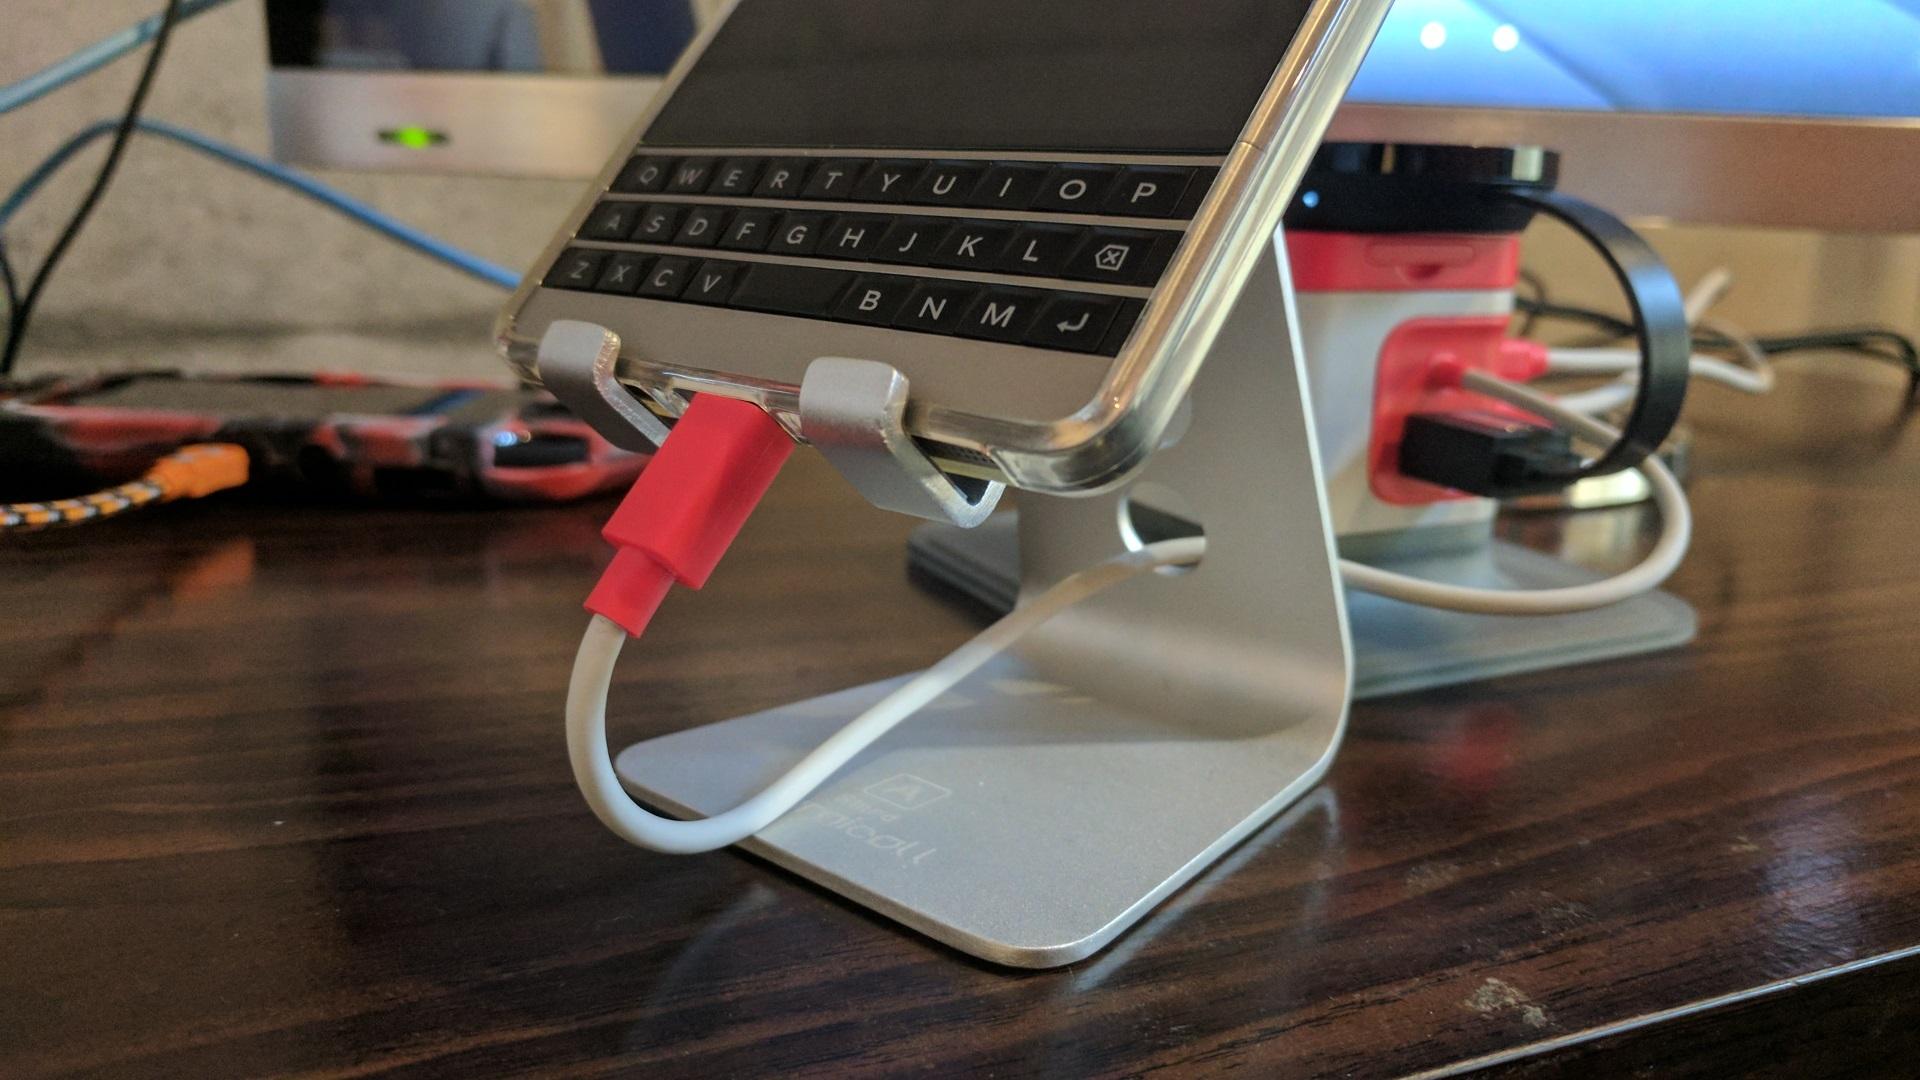 【レビュー】角度調整が可能なスマートフォン用スタンド「Lomicall A Stand」、「BlackBerry Passport」用に買いました